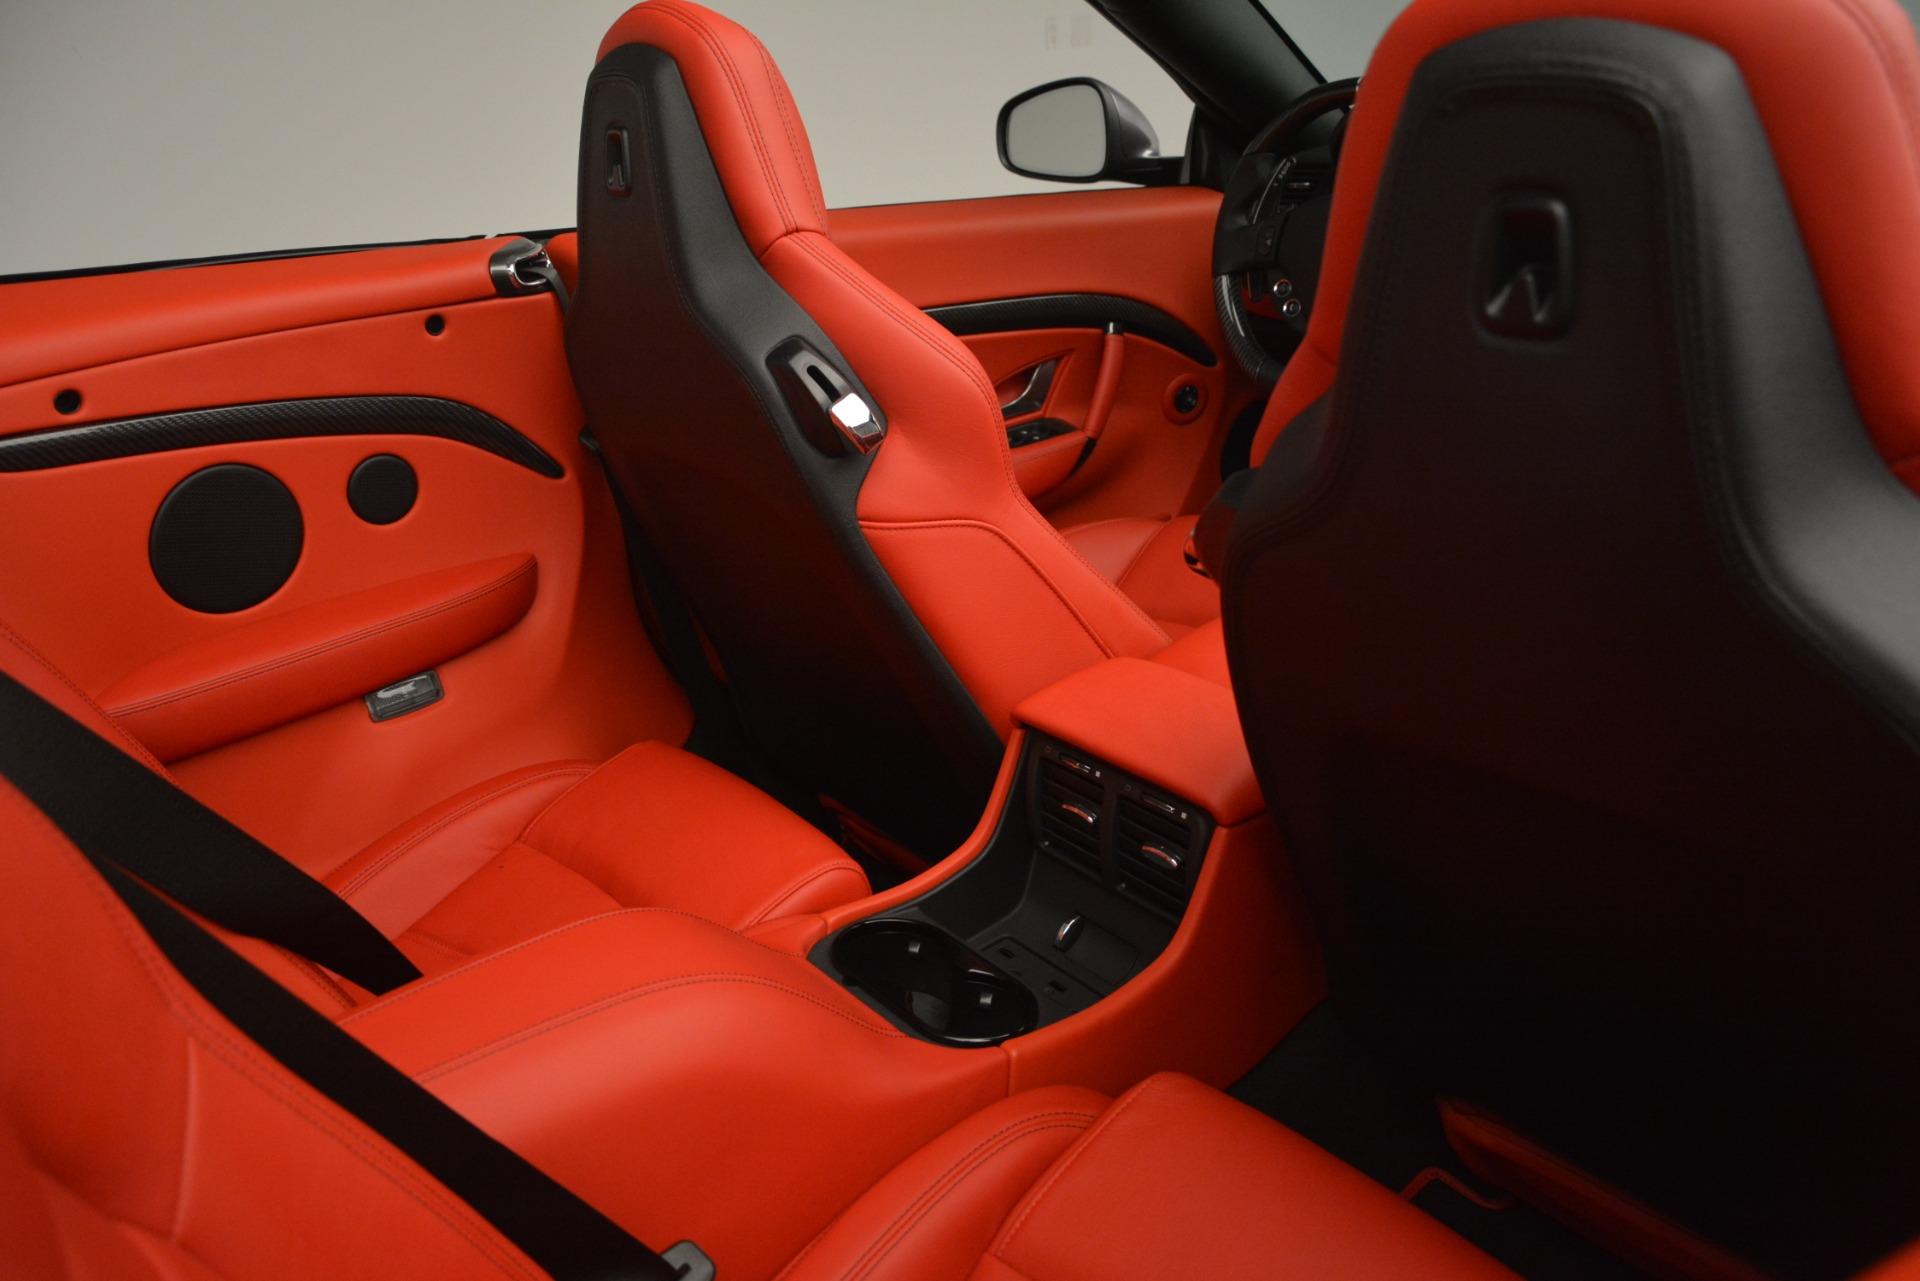 Used 2018 Maserati GranTurismo Sport For Sale In Greenwich, CT. Alfa Romeo of Greenwich, 7626 2637_p31